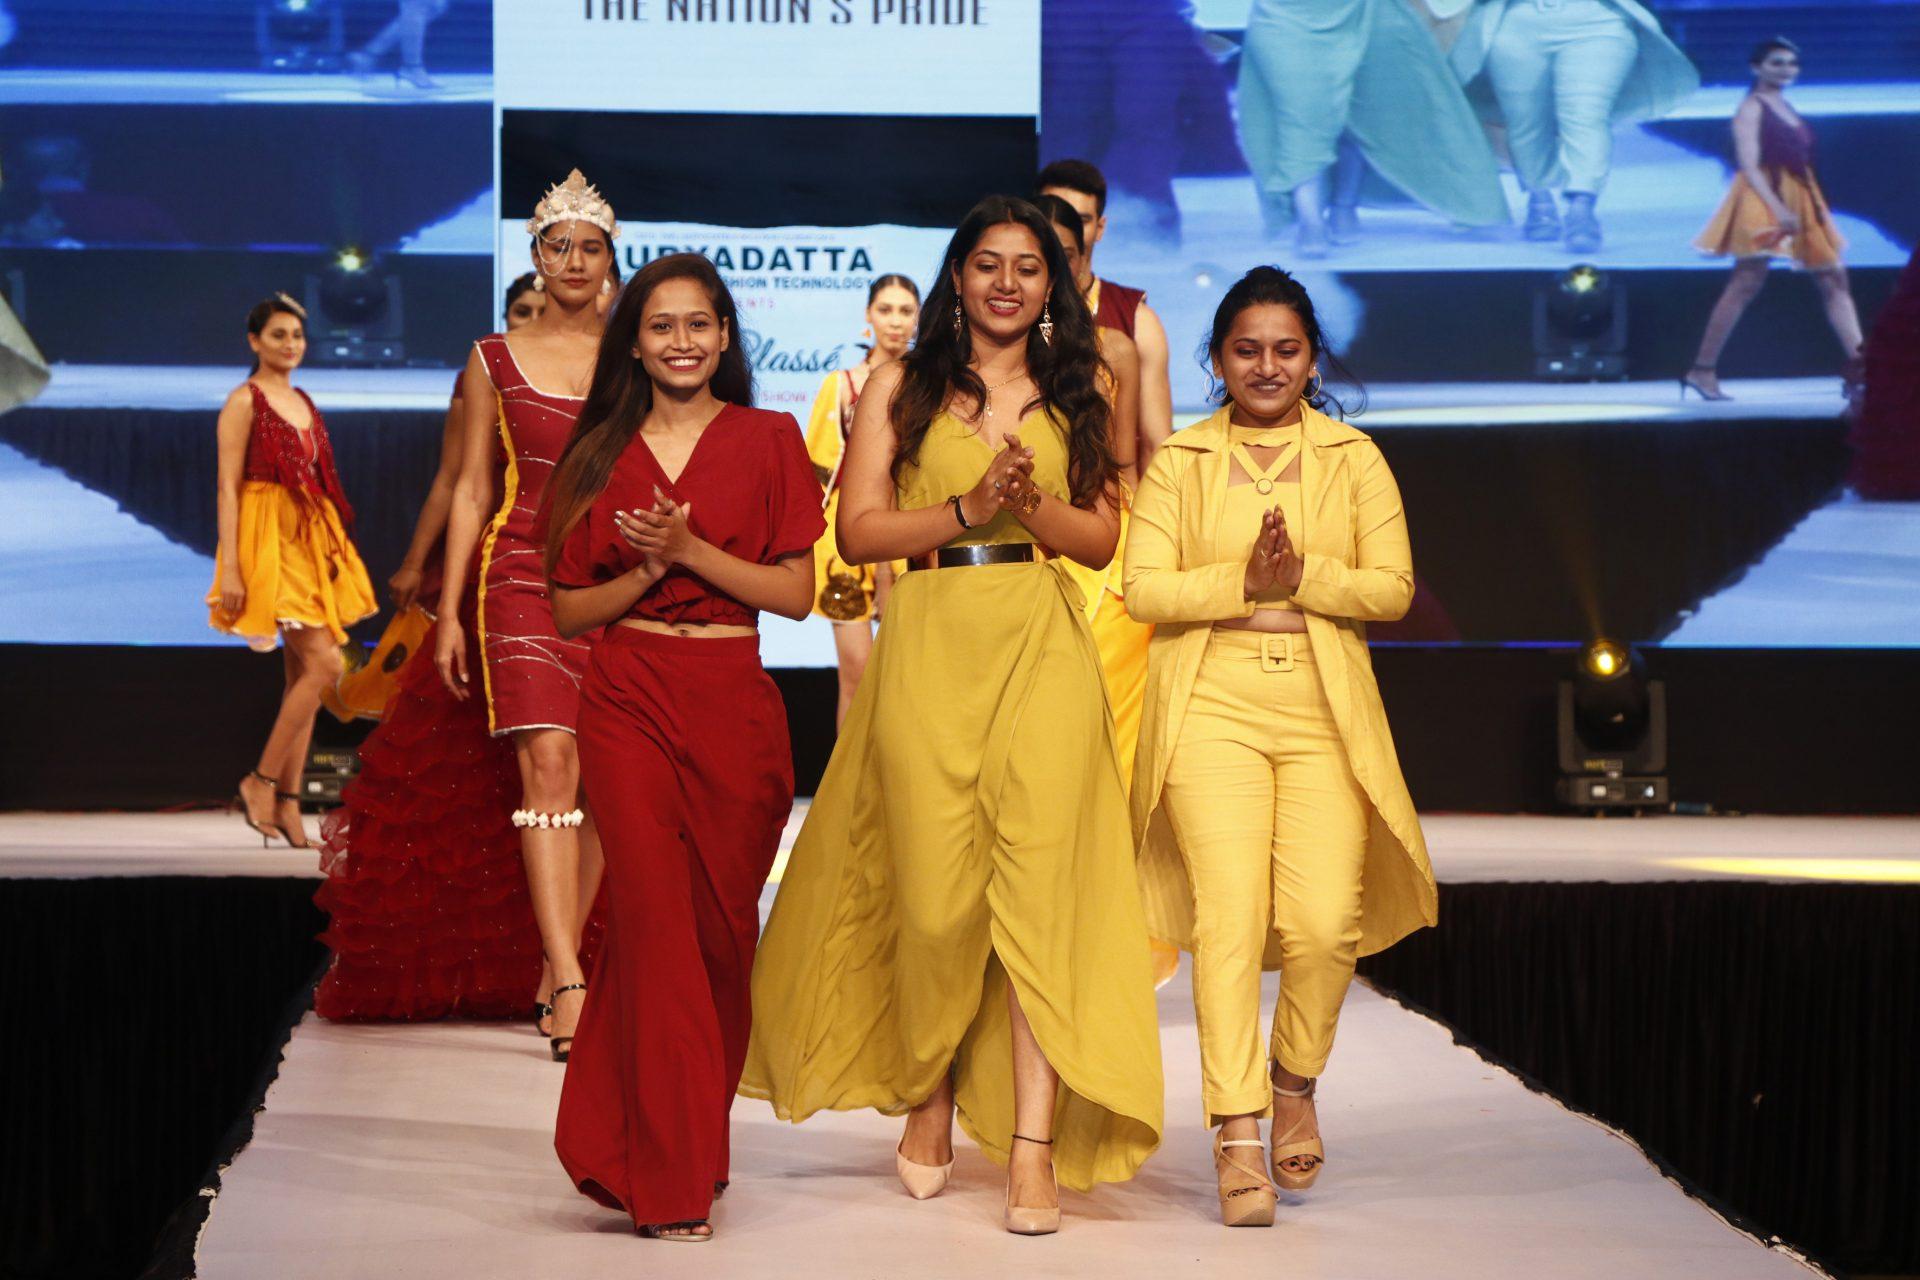 'वॉक फॉर खादी' संकल्पनेवरील आगळ्यावेगळ्या  'ला-क्लासे' फॅशन शोने जिंकली उपस्थितांची मने